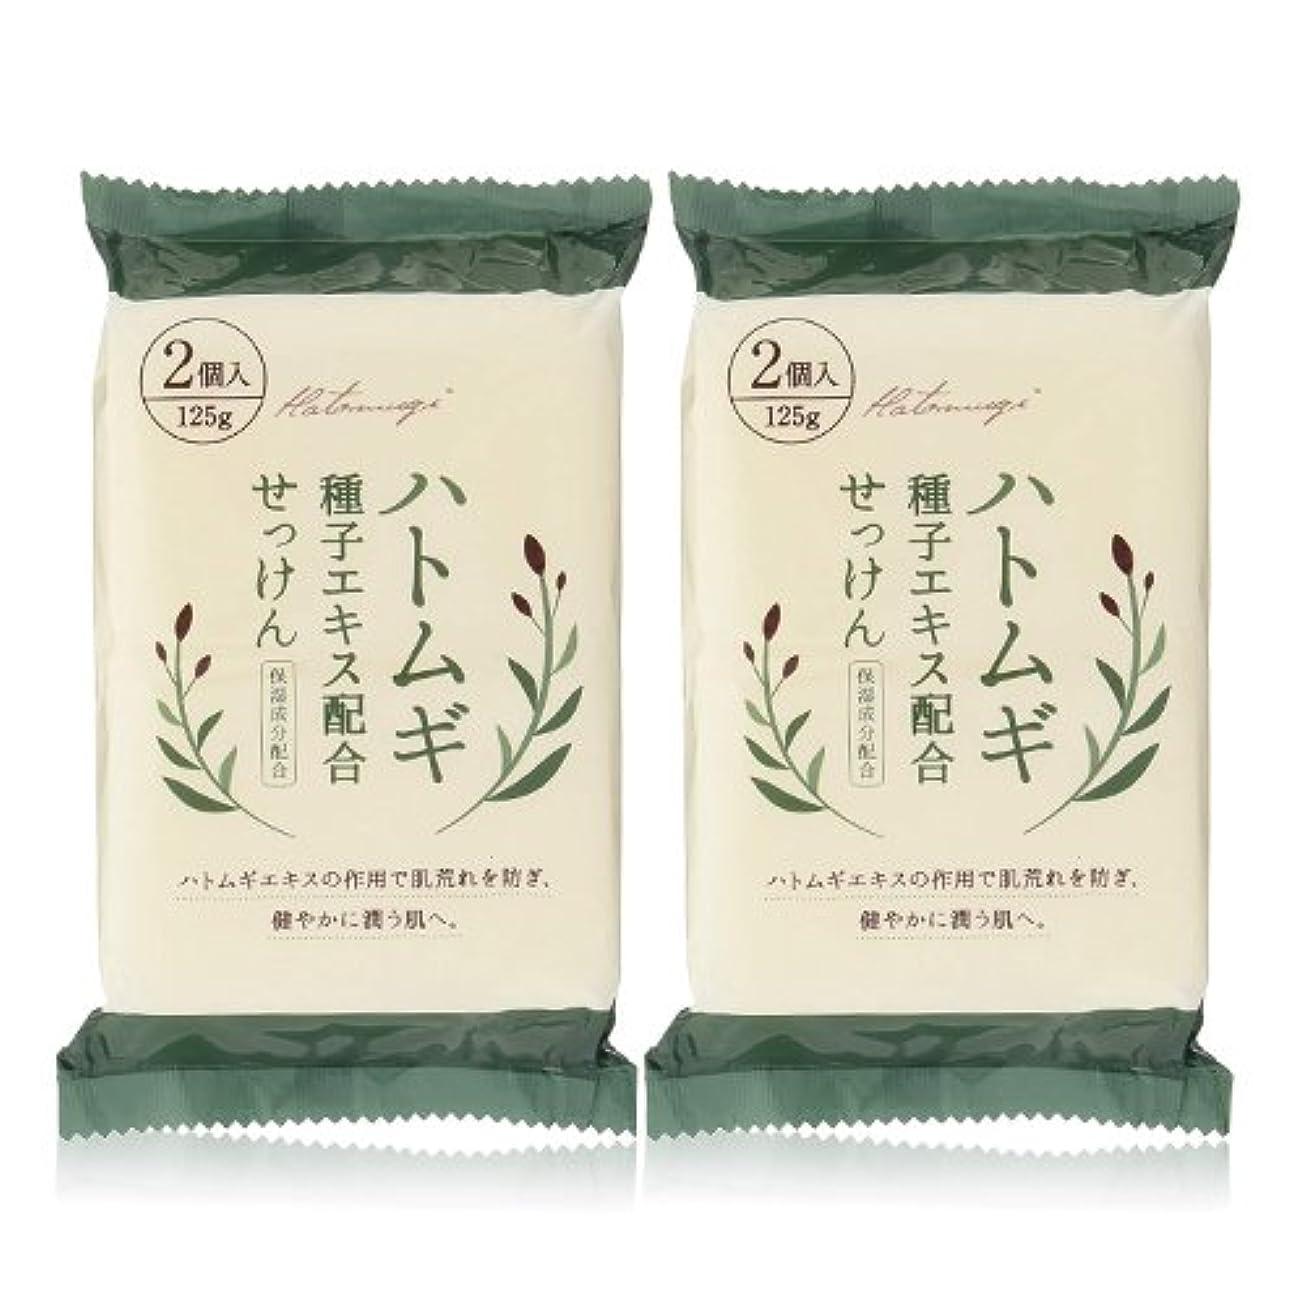 丈夫見捨てられた管理ハトムギ種子エキス配合石けん 125g(2コ入)×2個セット(計4個)